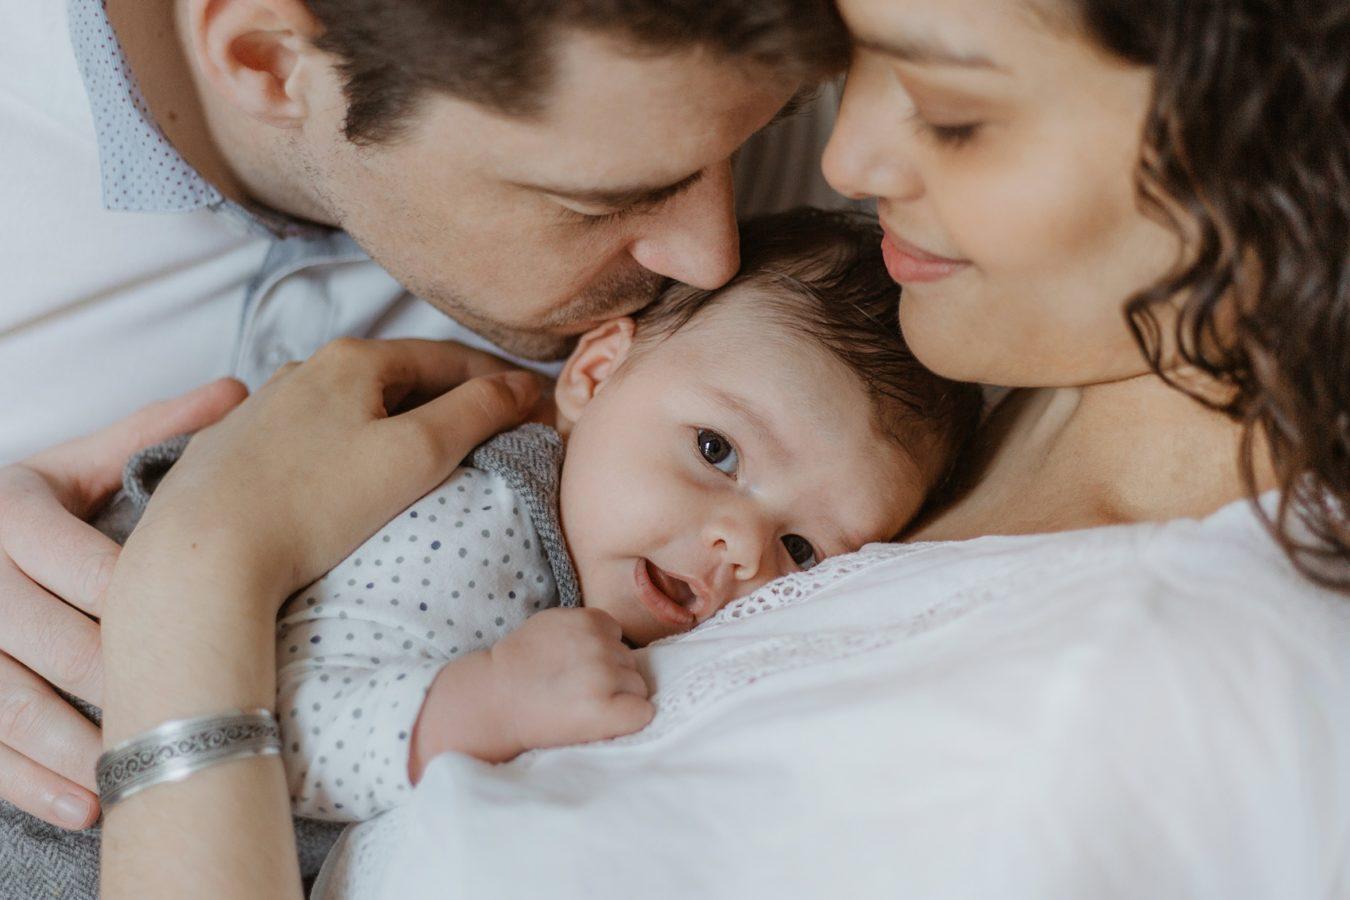 Séance photo naissance en famille à Bordeaux photographe Jade Sequeval